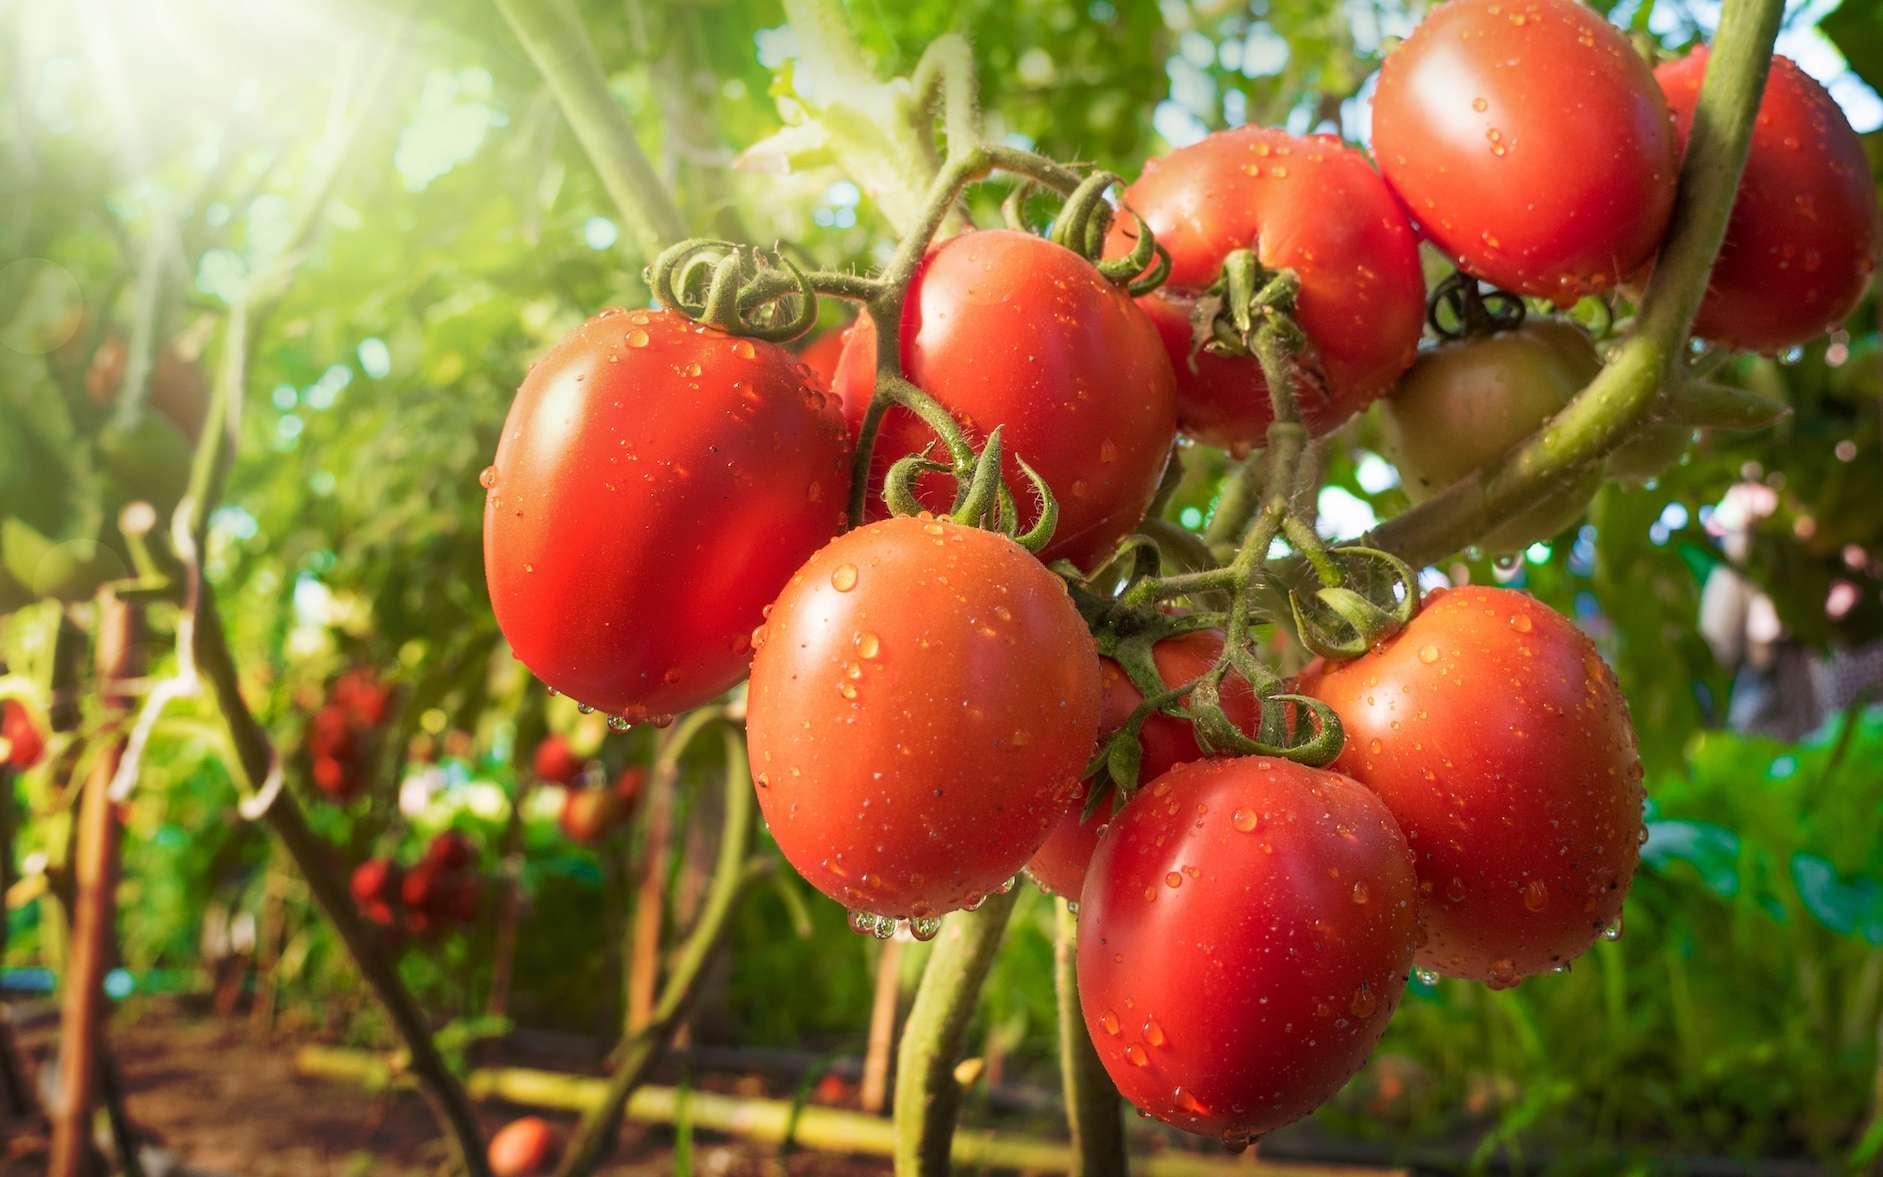 Les variétés de tomates vont de la petite tomate cerise à la grosse tomate coeur de boeuf. © singkham, fotolia